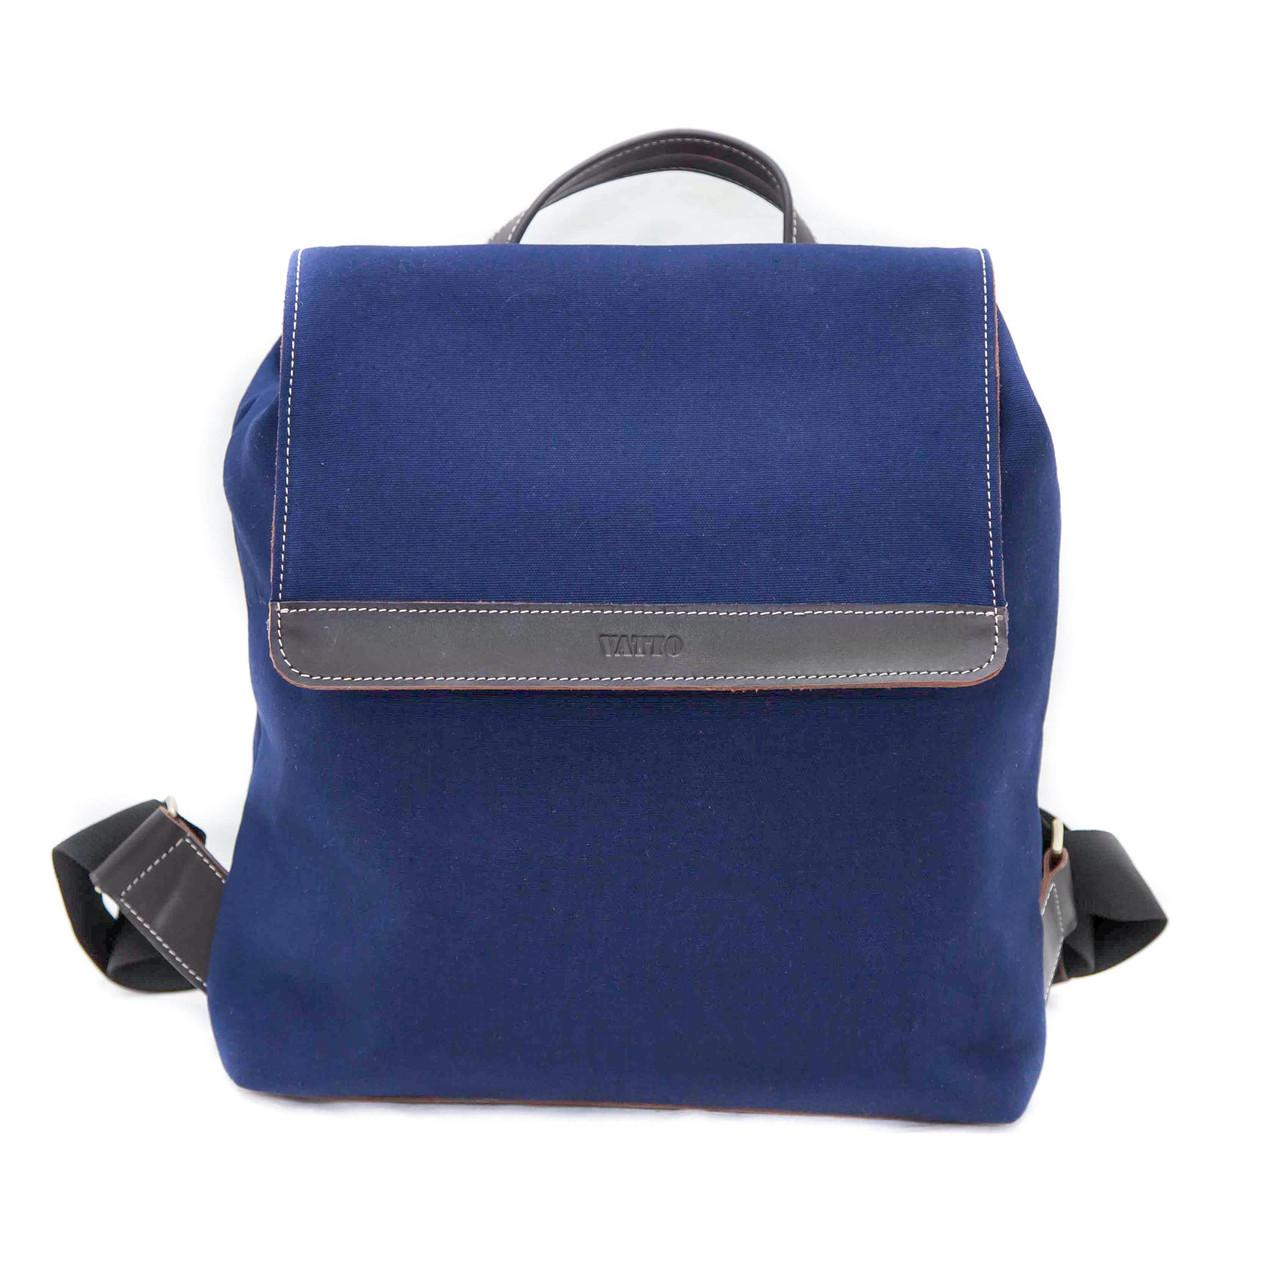 Рюкзак текстильный VATTO MT26.1 H2Kr400